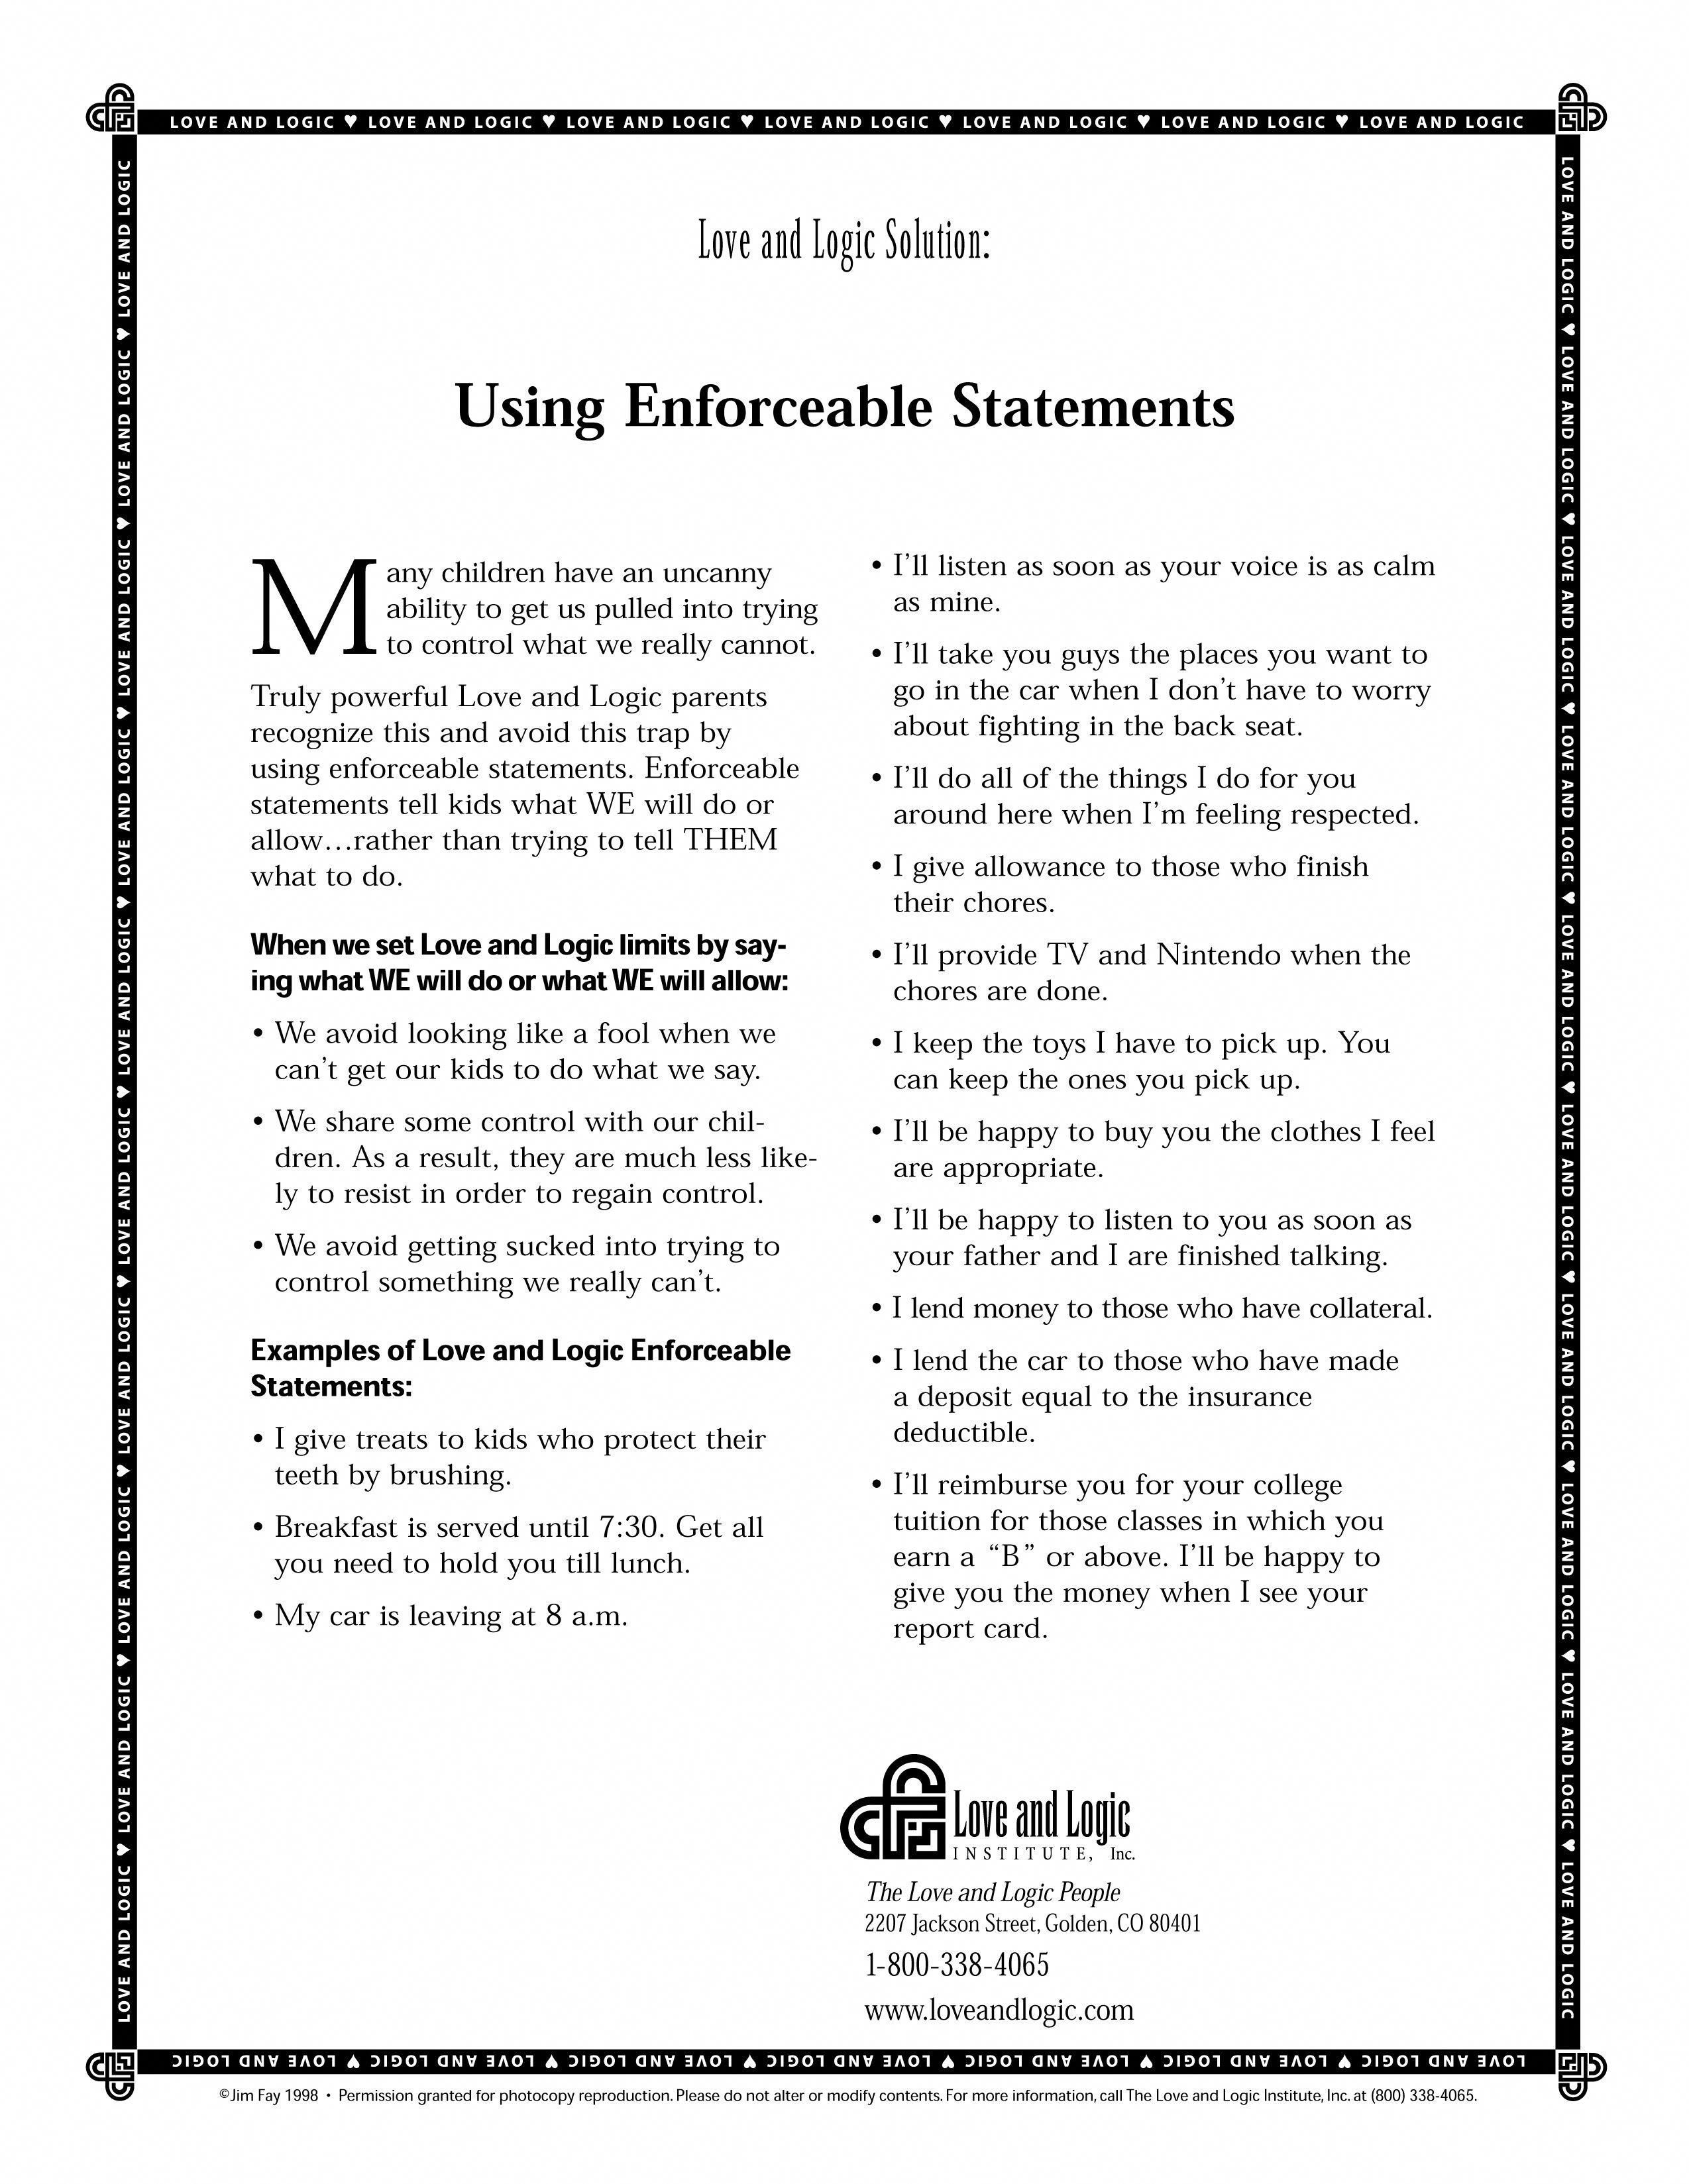 Enforceable Handout Kids Parenting Statements